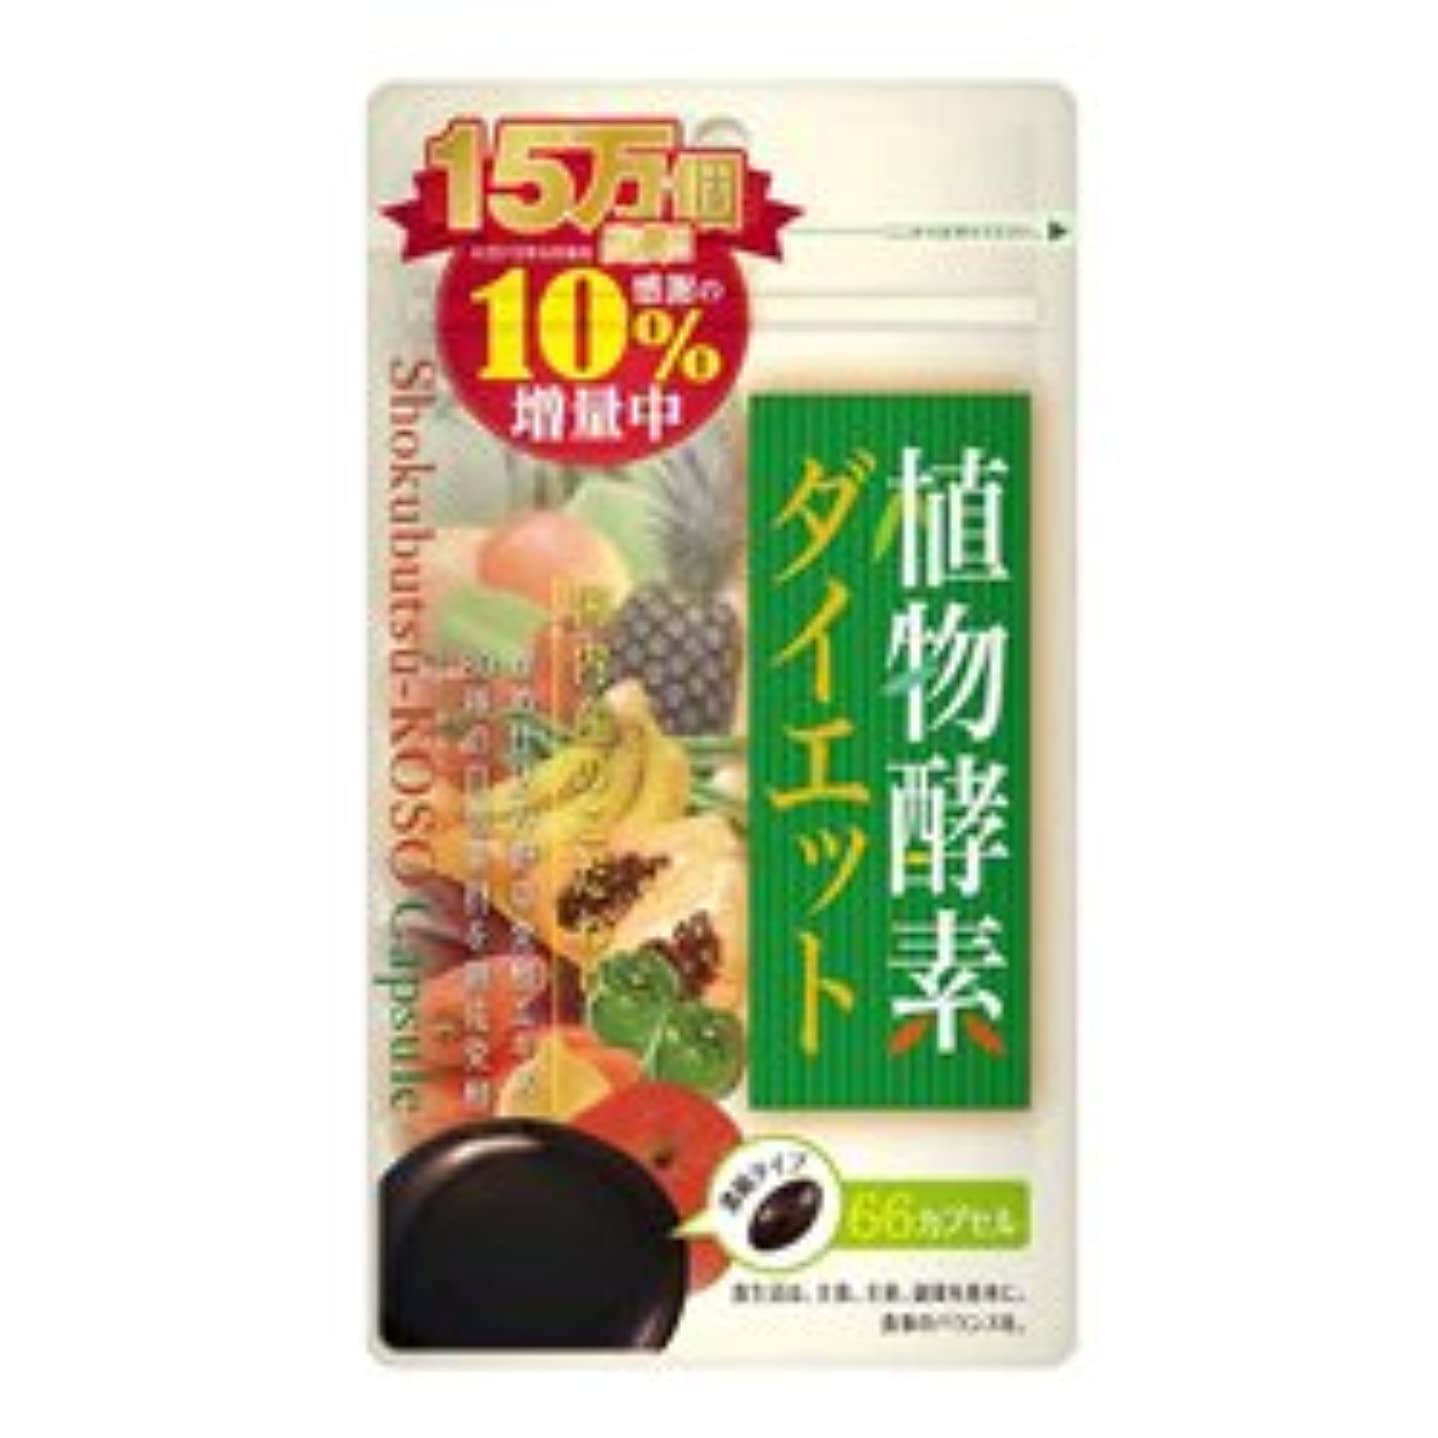 サンダル地雷原評価する【ウエルネスジャパン】植物酵素ダイエット 66カプセル ×3個セット